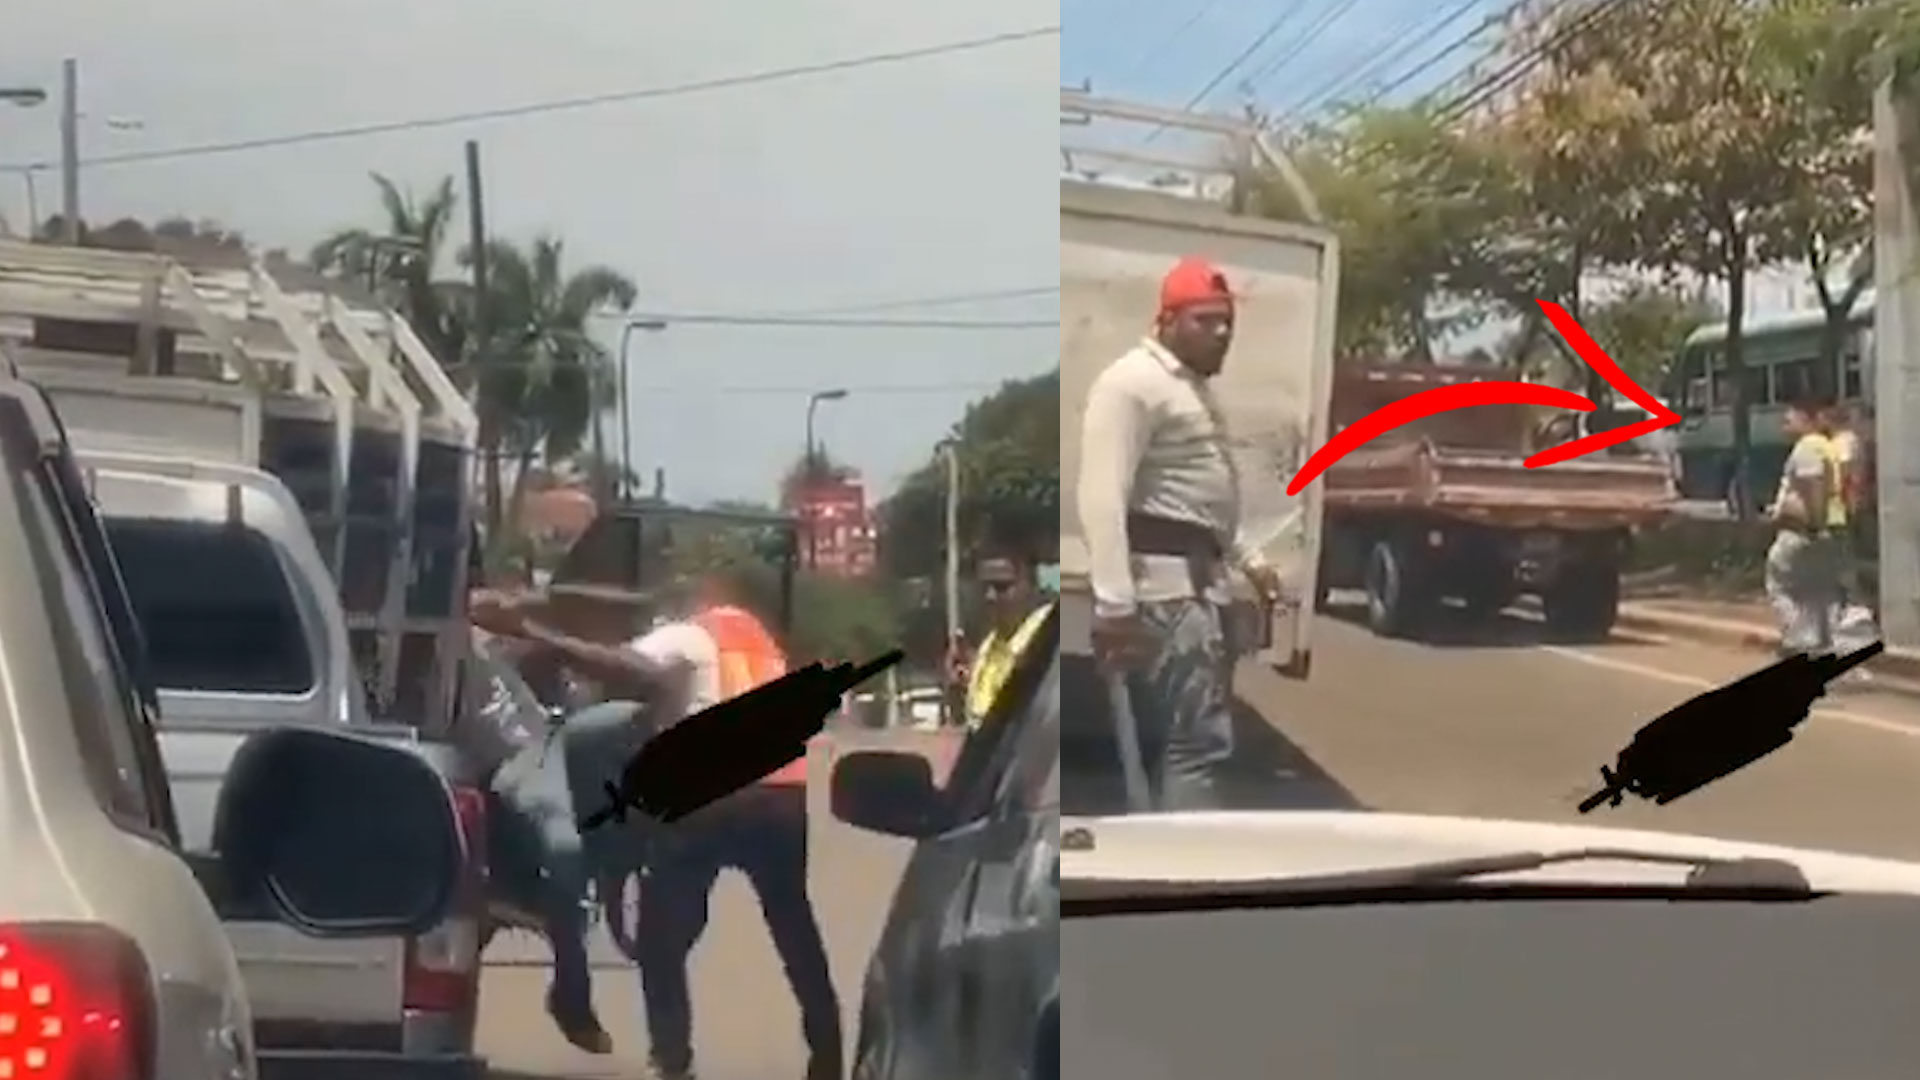 """Momento En Que Un Grupo De EMPLEADOS PRIVADOS """"SE VAN A LA TROMPA"""" En Plena Vía Pública"""